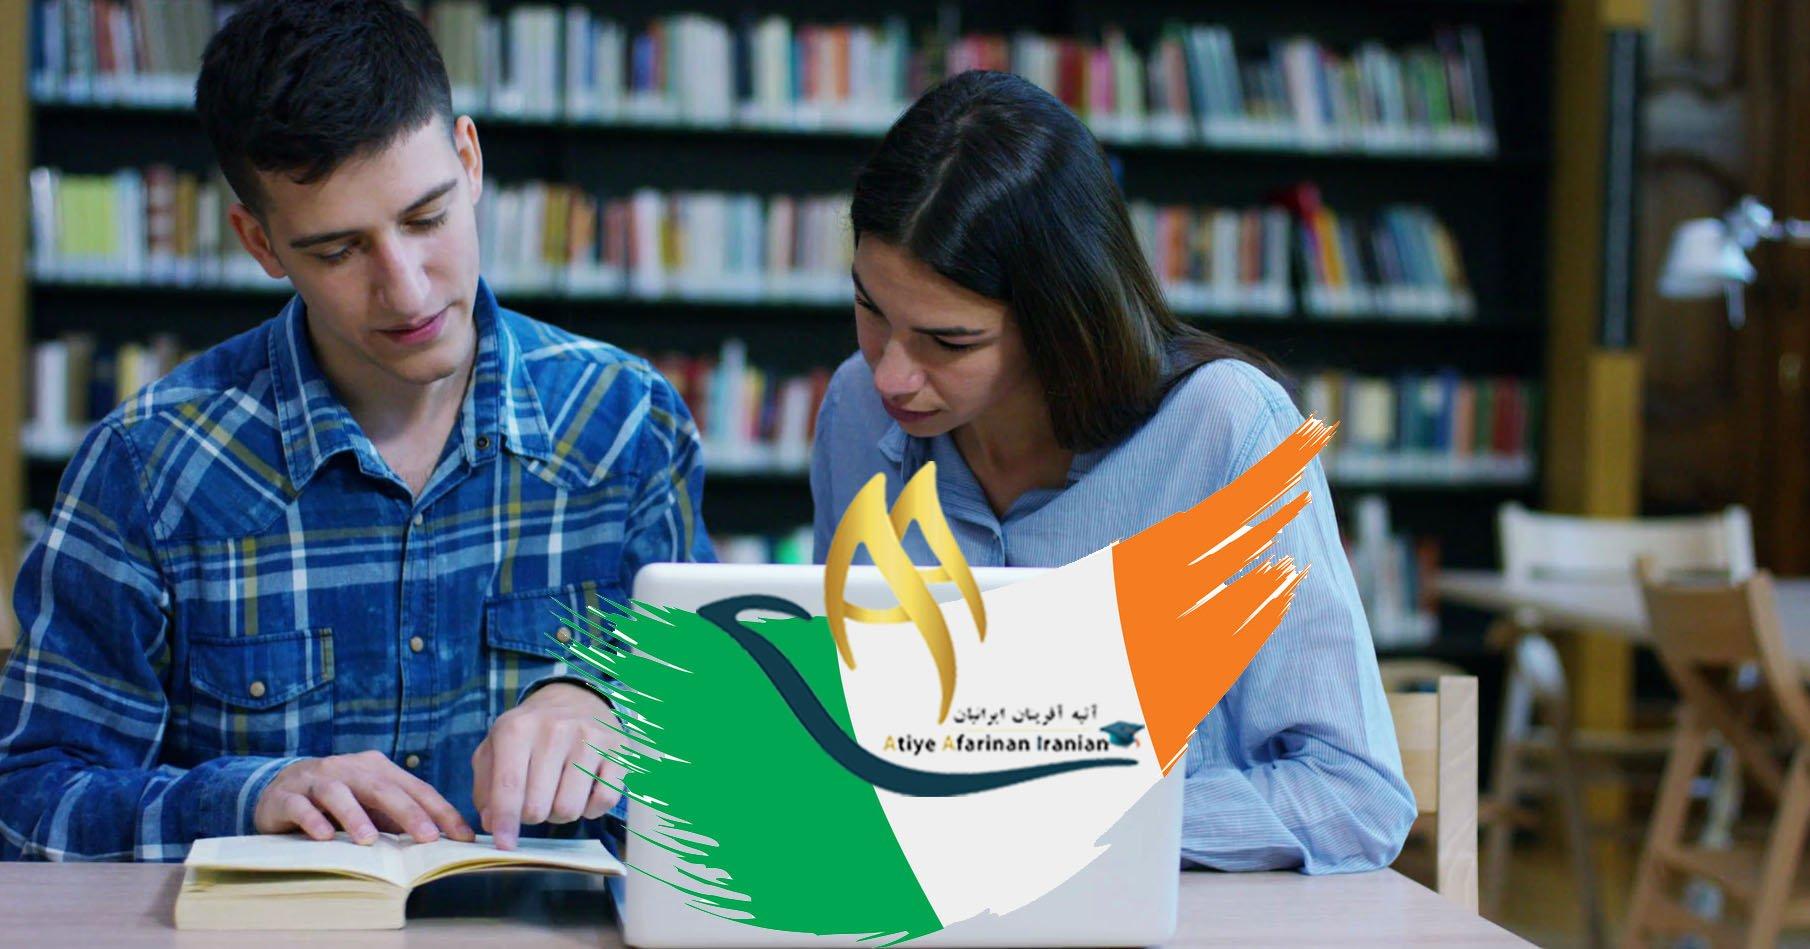 مدارک ویزای تحصیلی ایرلند